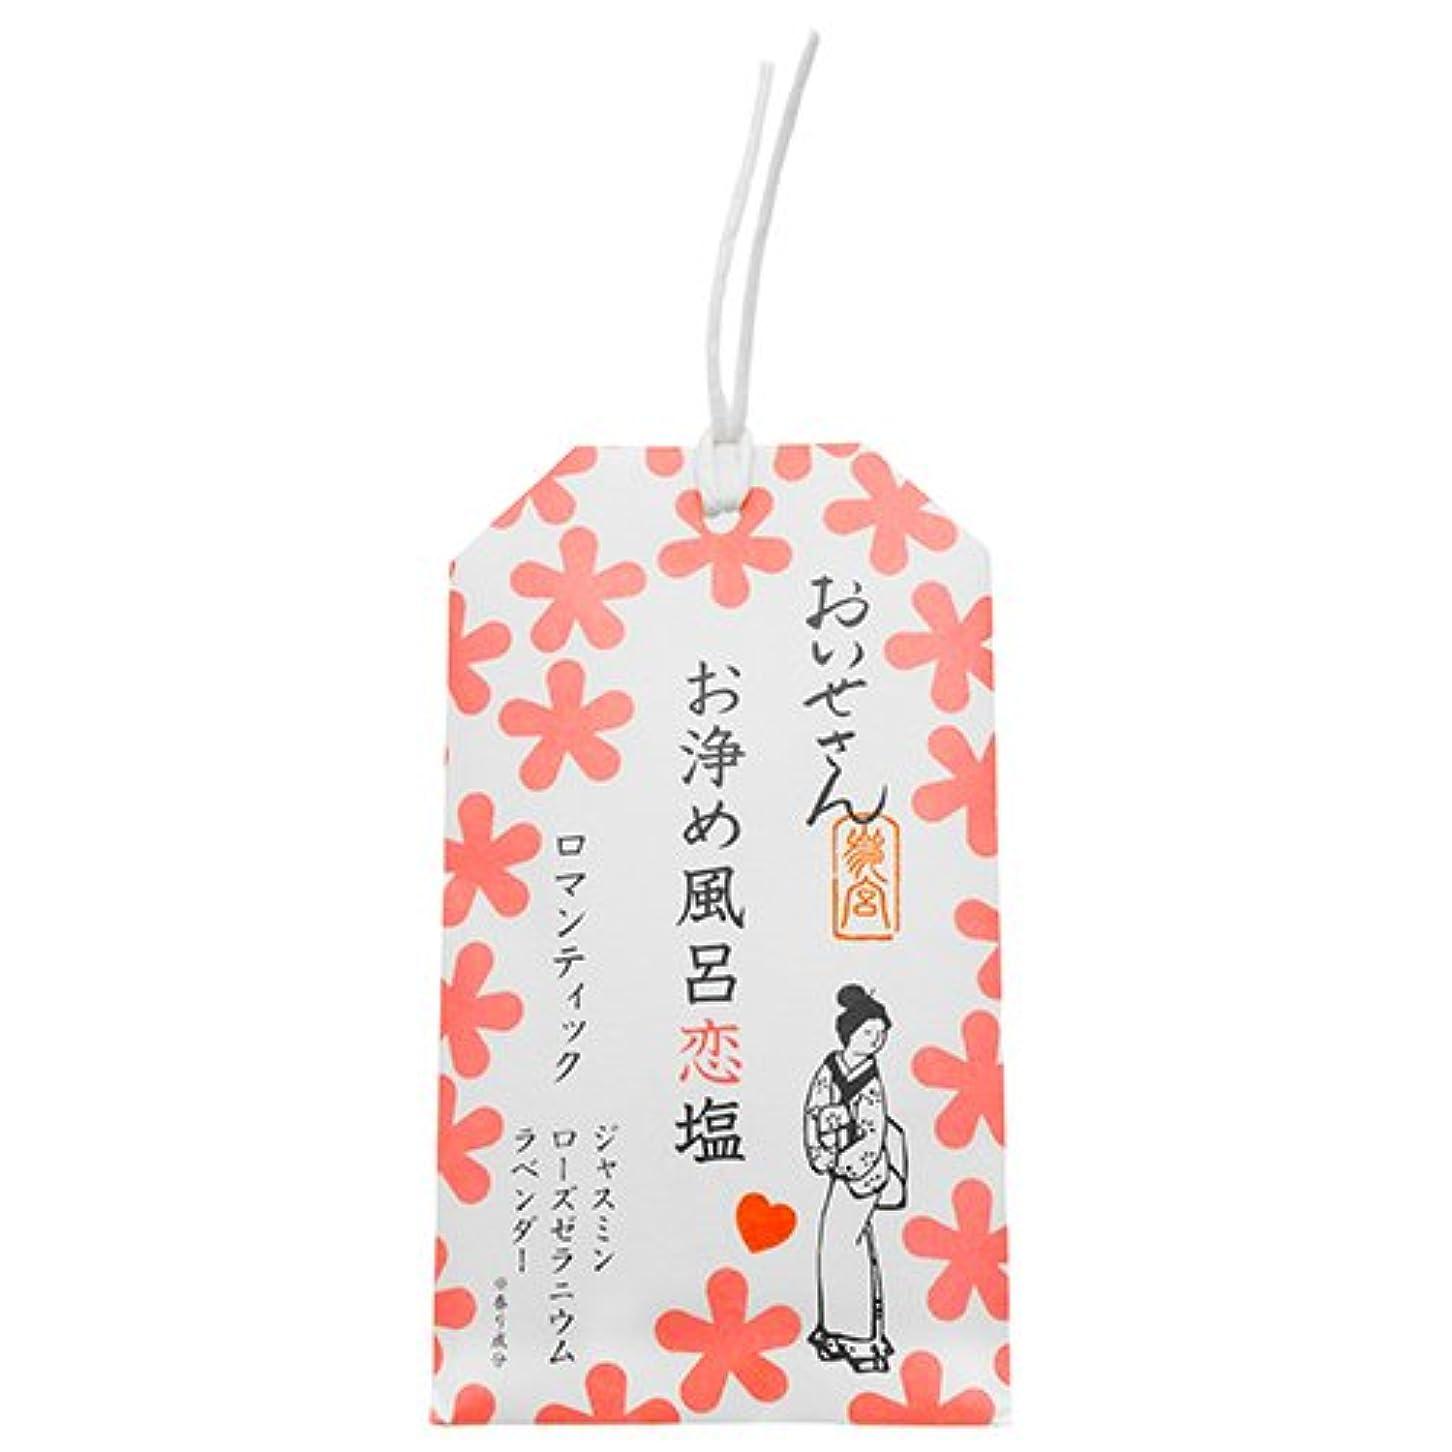 祖母欠陥チロおいせさん お浄め風呂恋塩(ロマンティック)